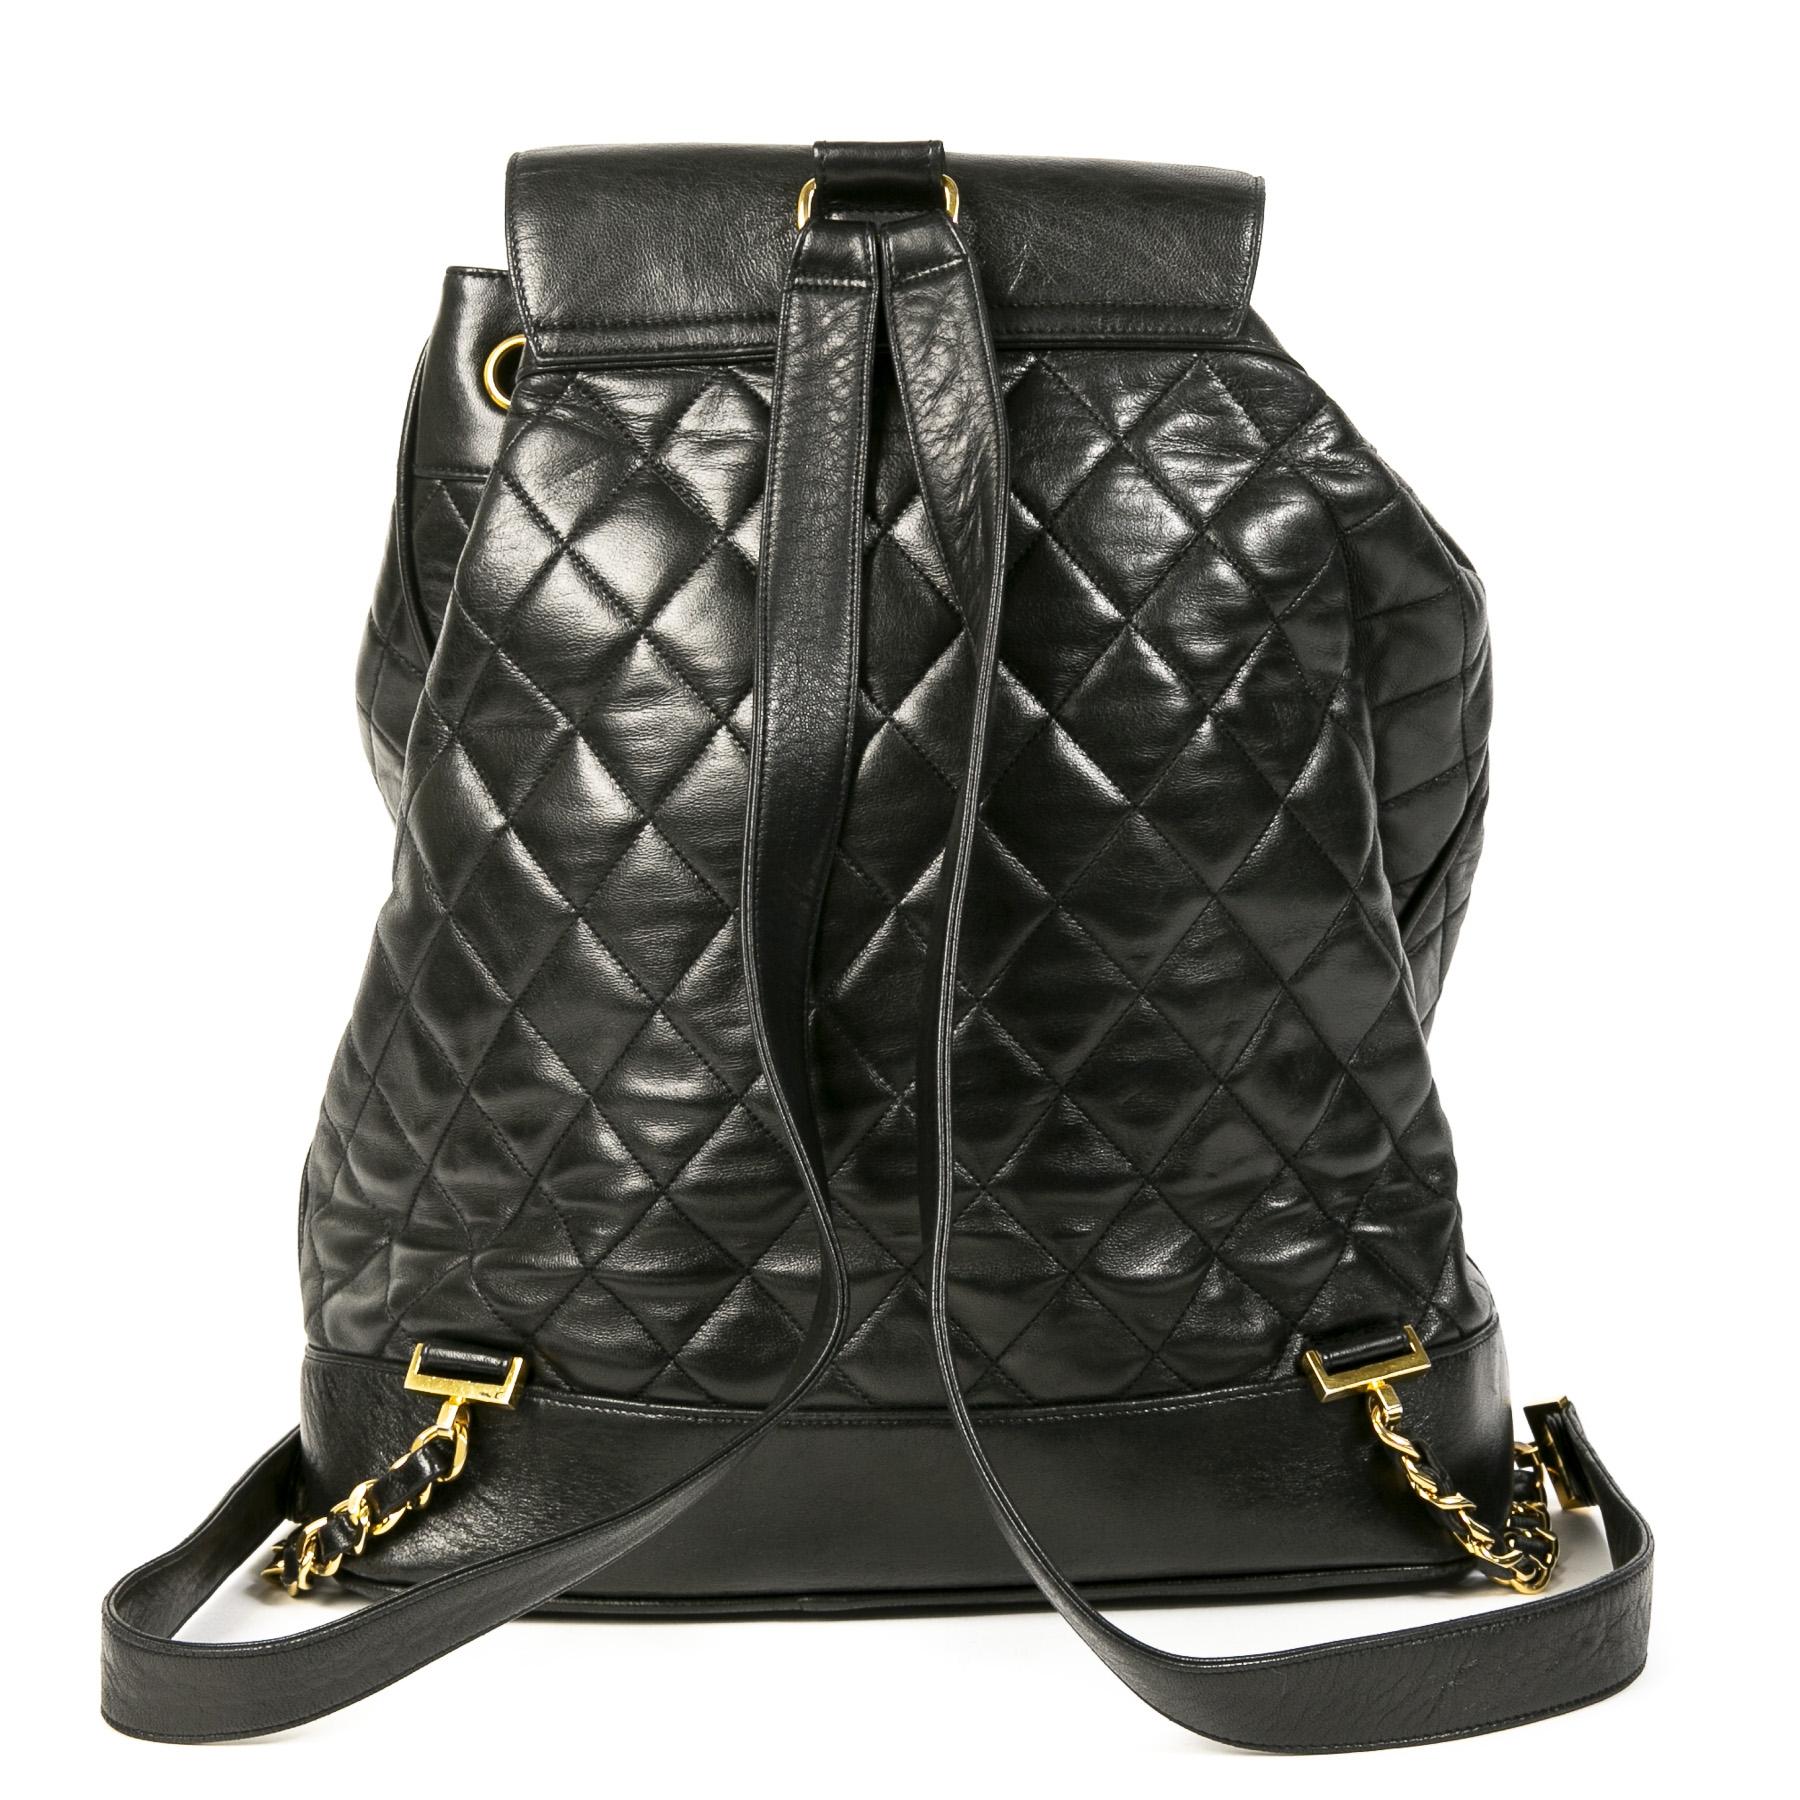 Authentieke Tweedehands Chanel Black Quilted Leather Backpack juiste prijs veilig online shoppen luxe merken webshop winkelen Antwerpen België mode fashion